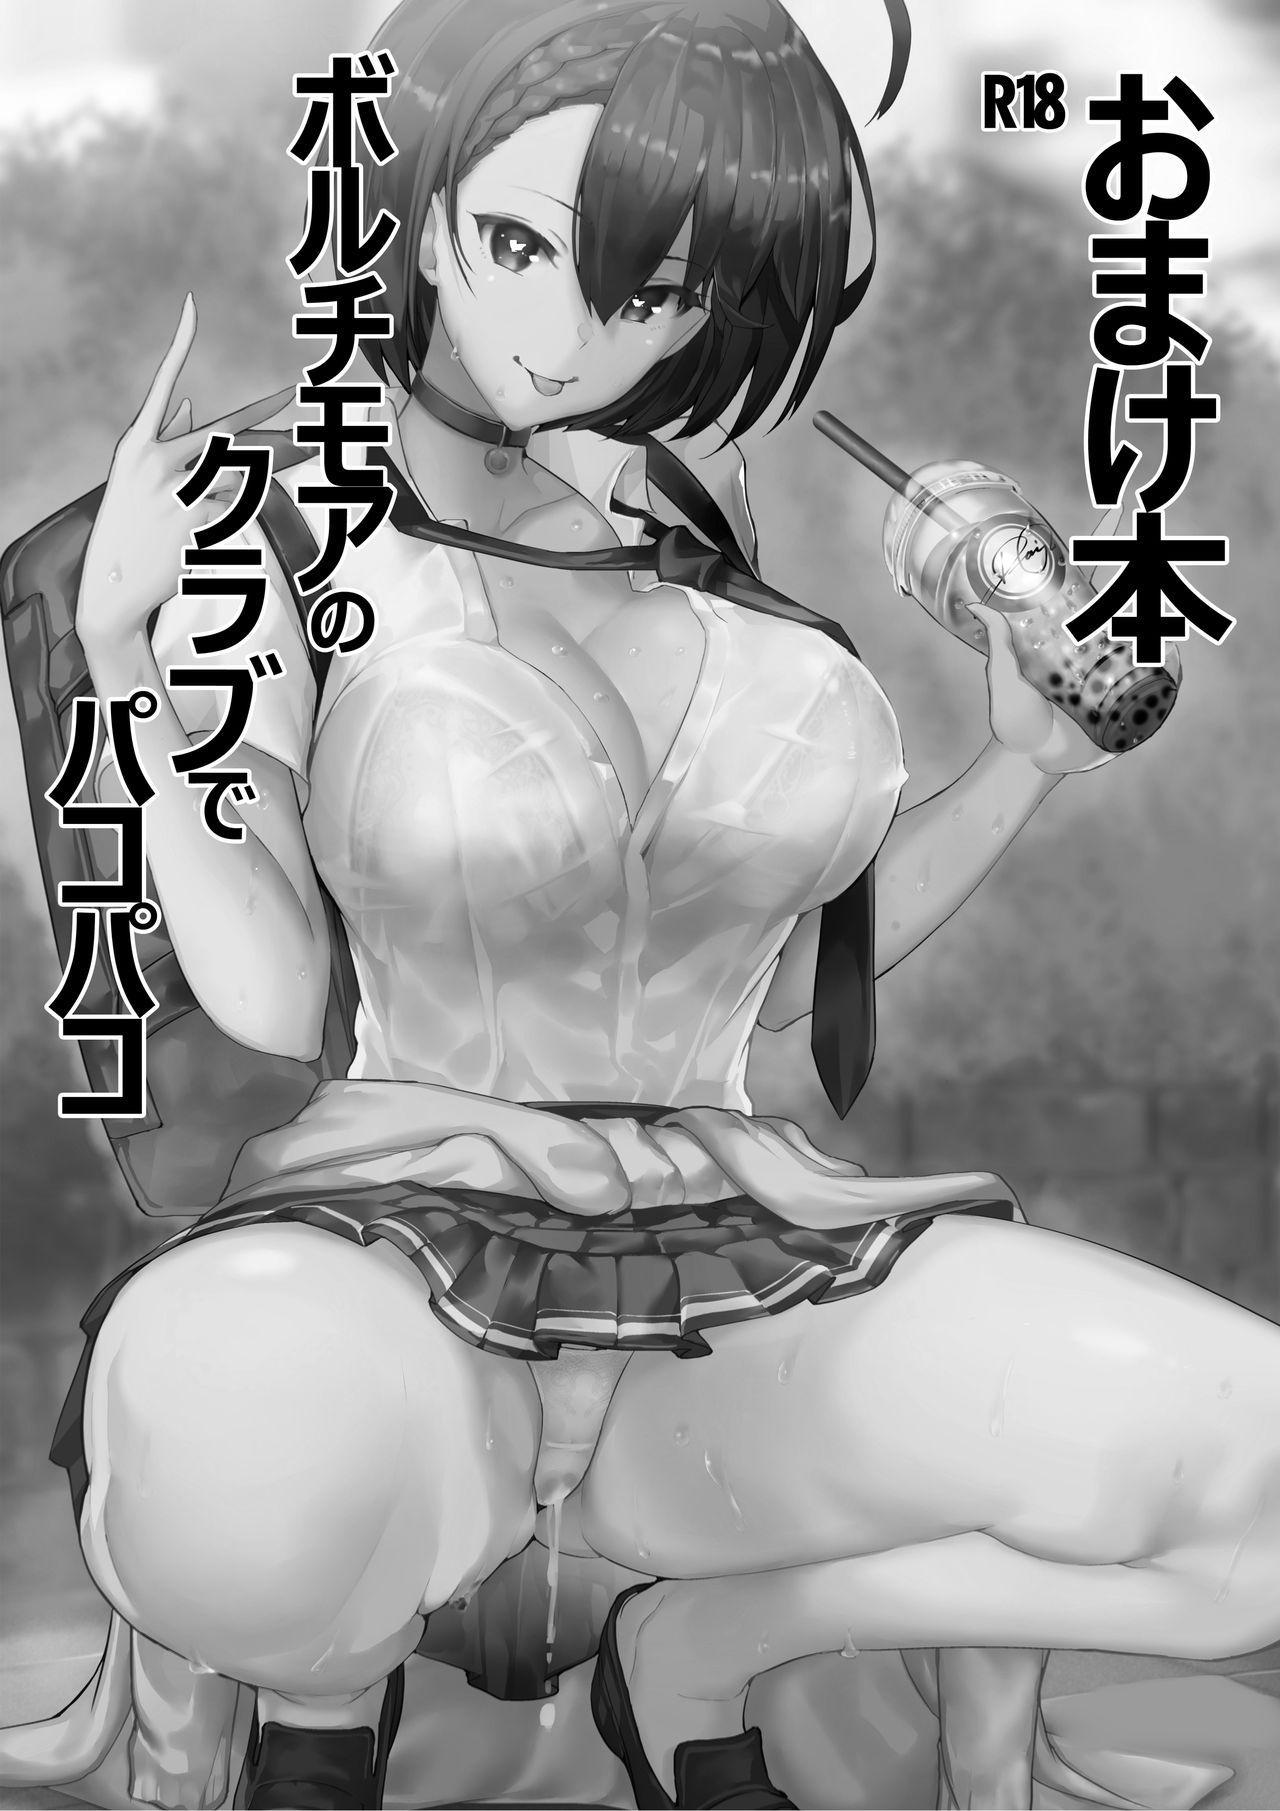 Mukakin Shirei ni Yubiwa o Kawaseru Saigo no Houhou 5 17